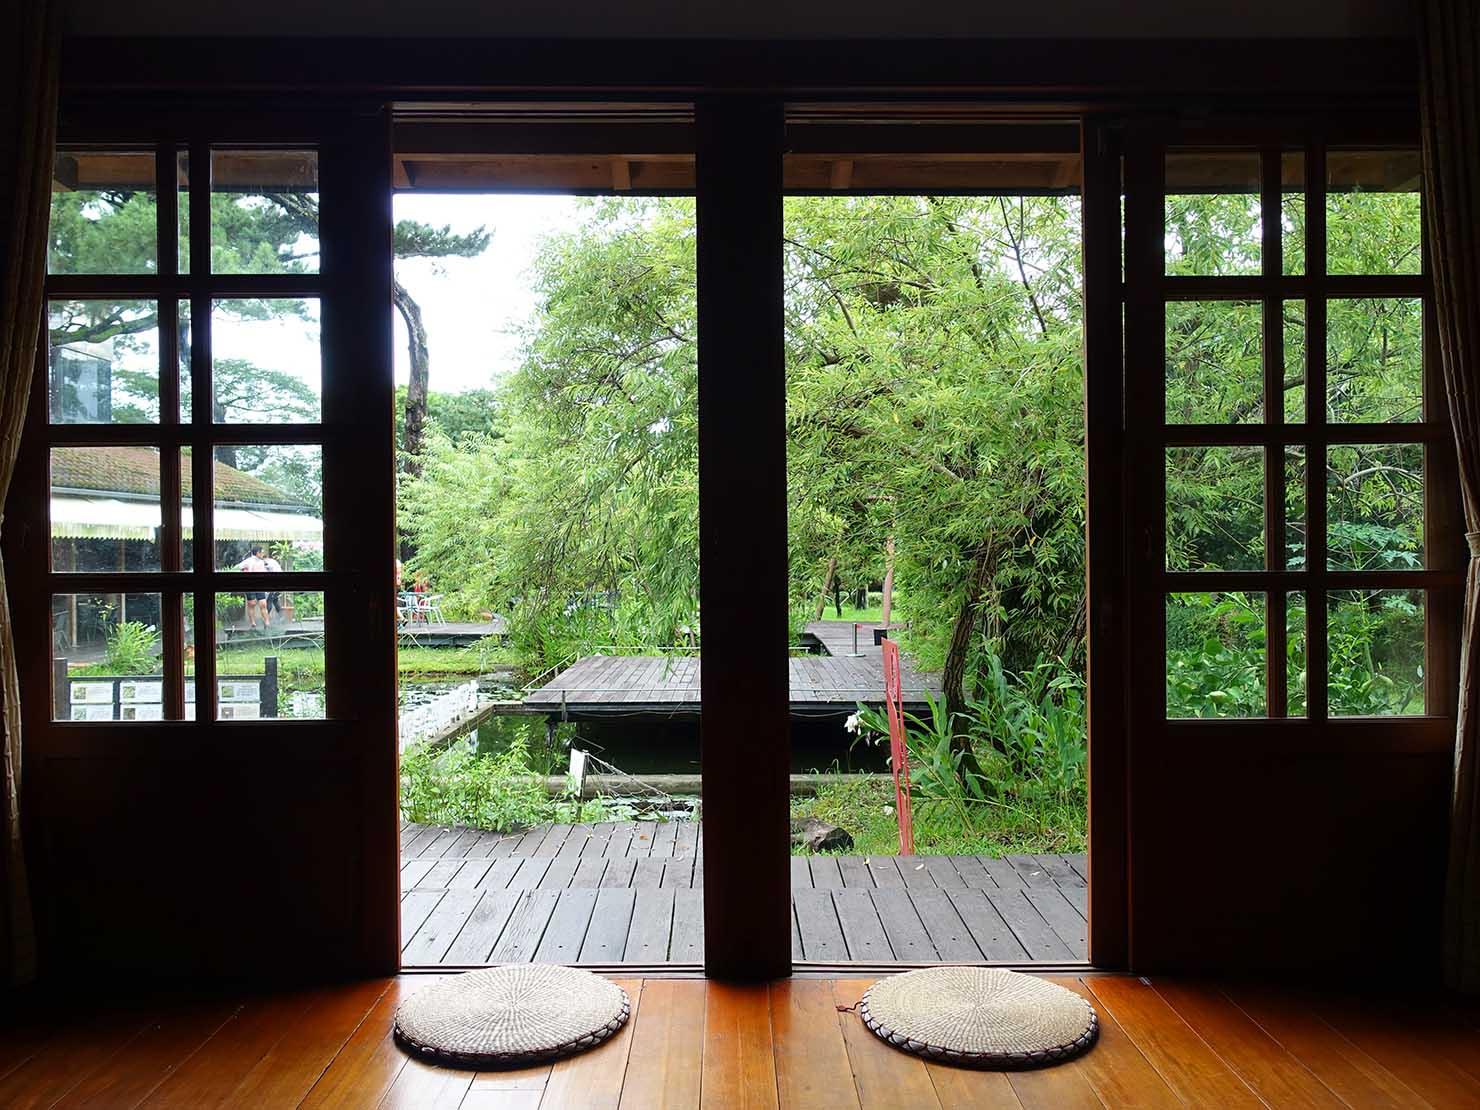 台湾・花蓮のおすすめ観光スポット「松園別館」の木造小屋から望む池